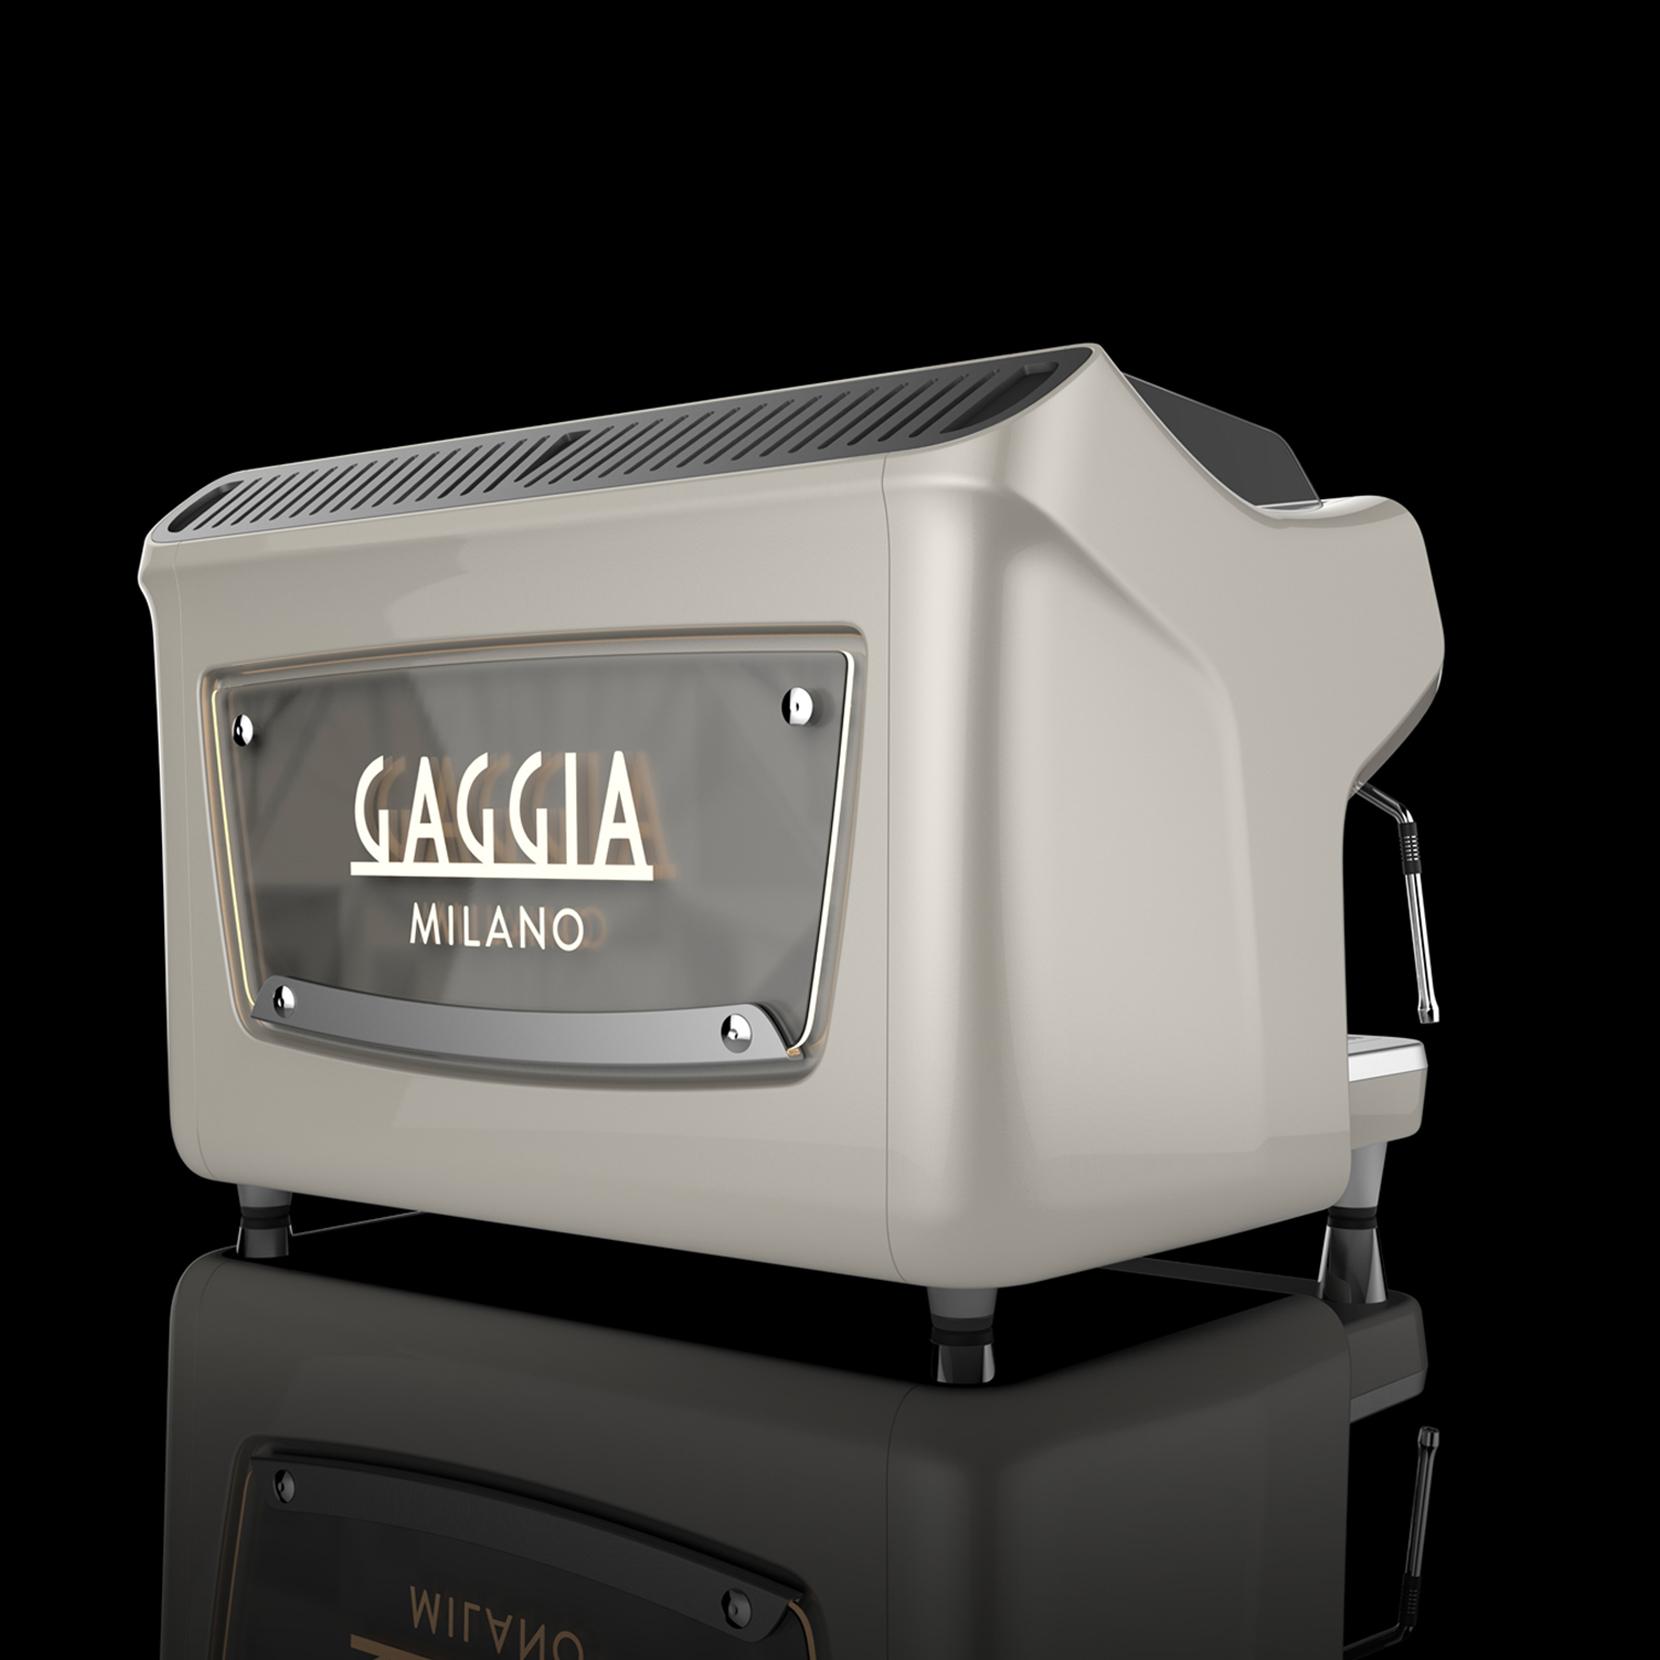 Gaggia Milano La Giusta back